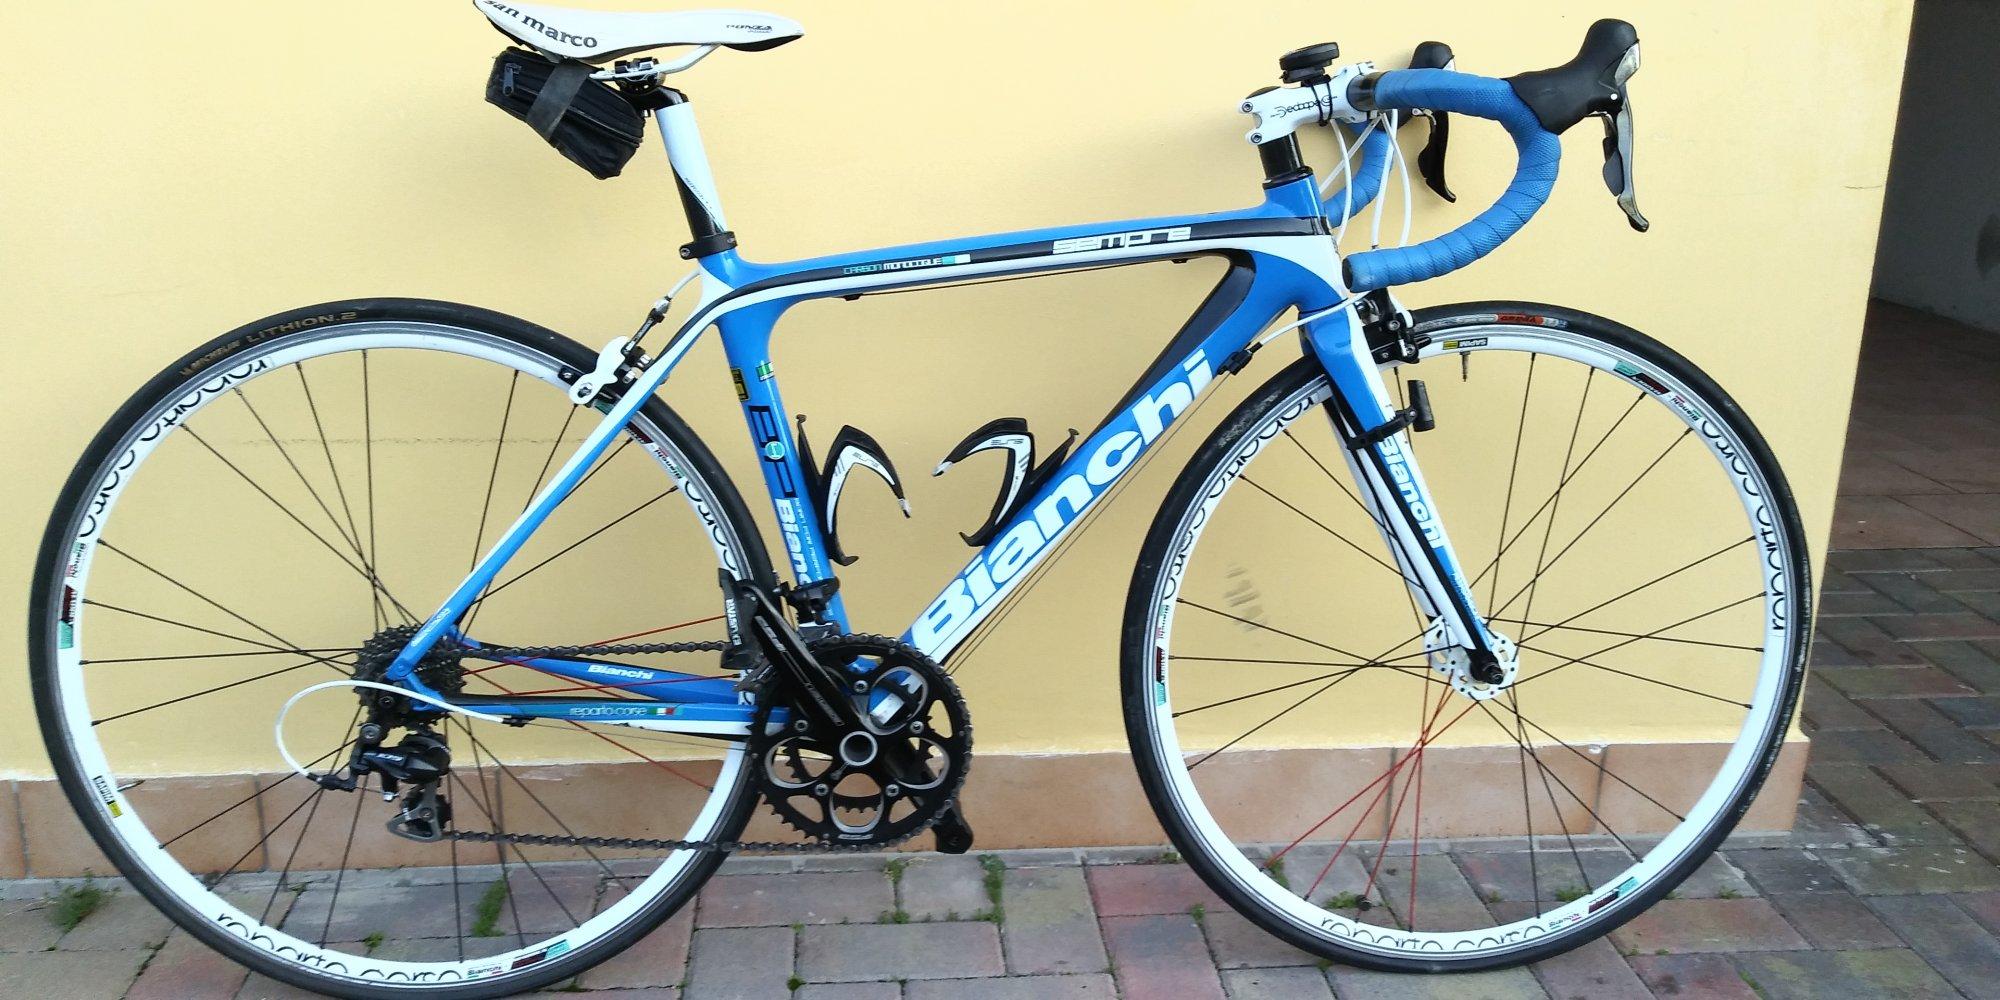 bici 077.jpg